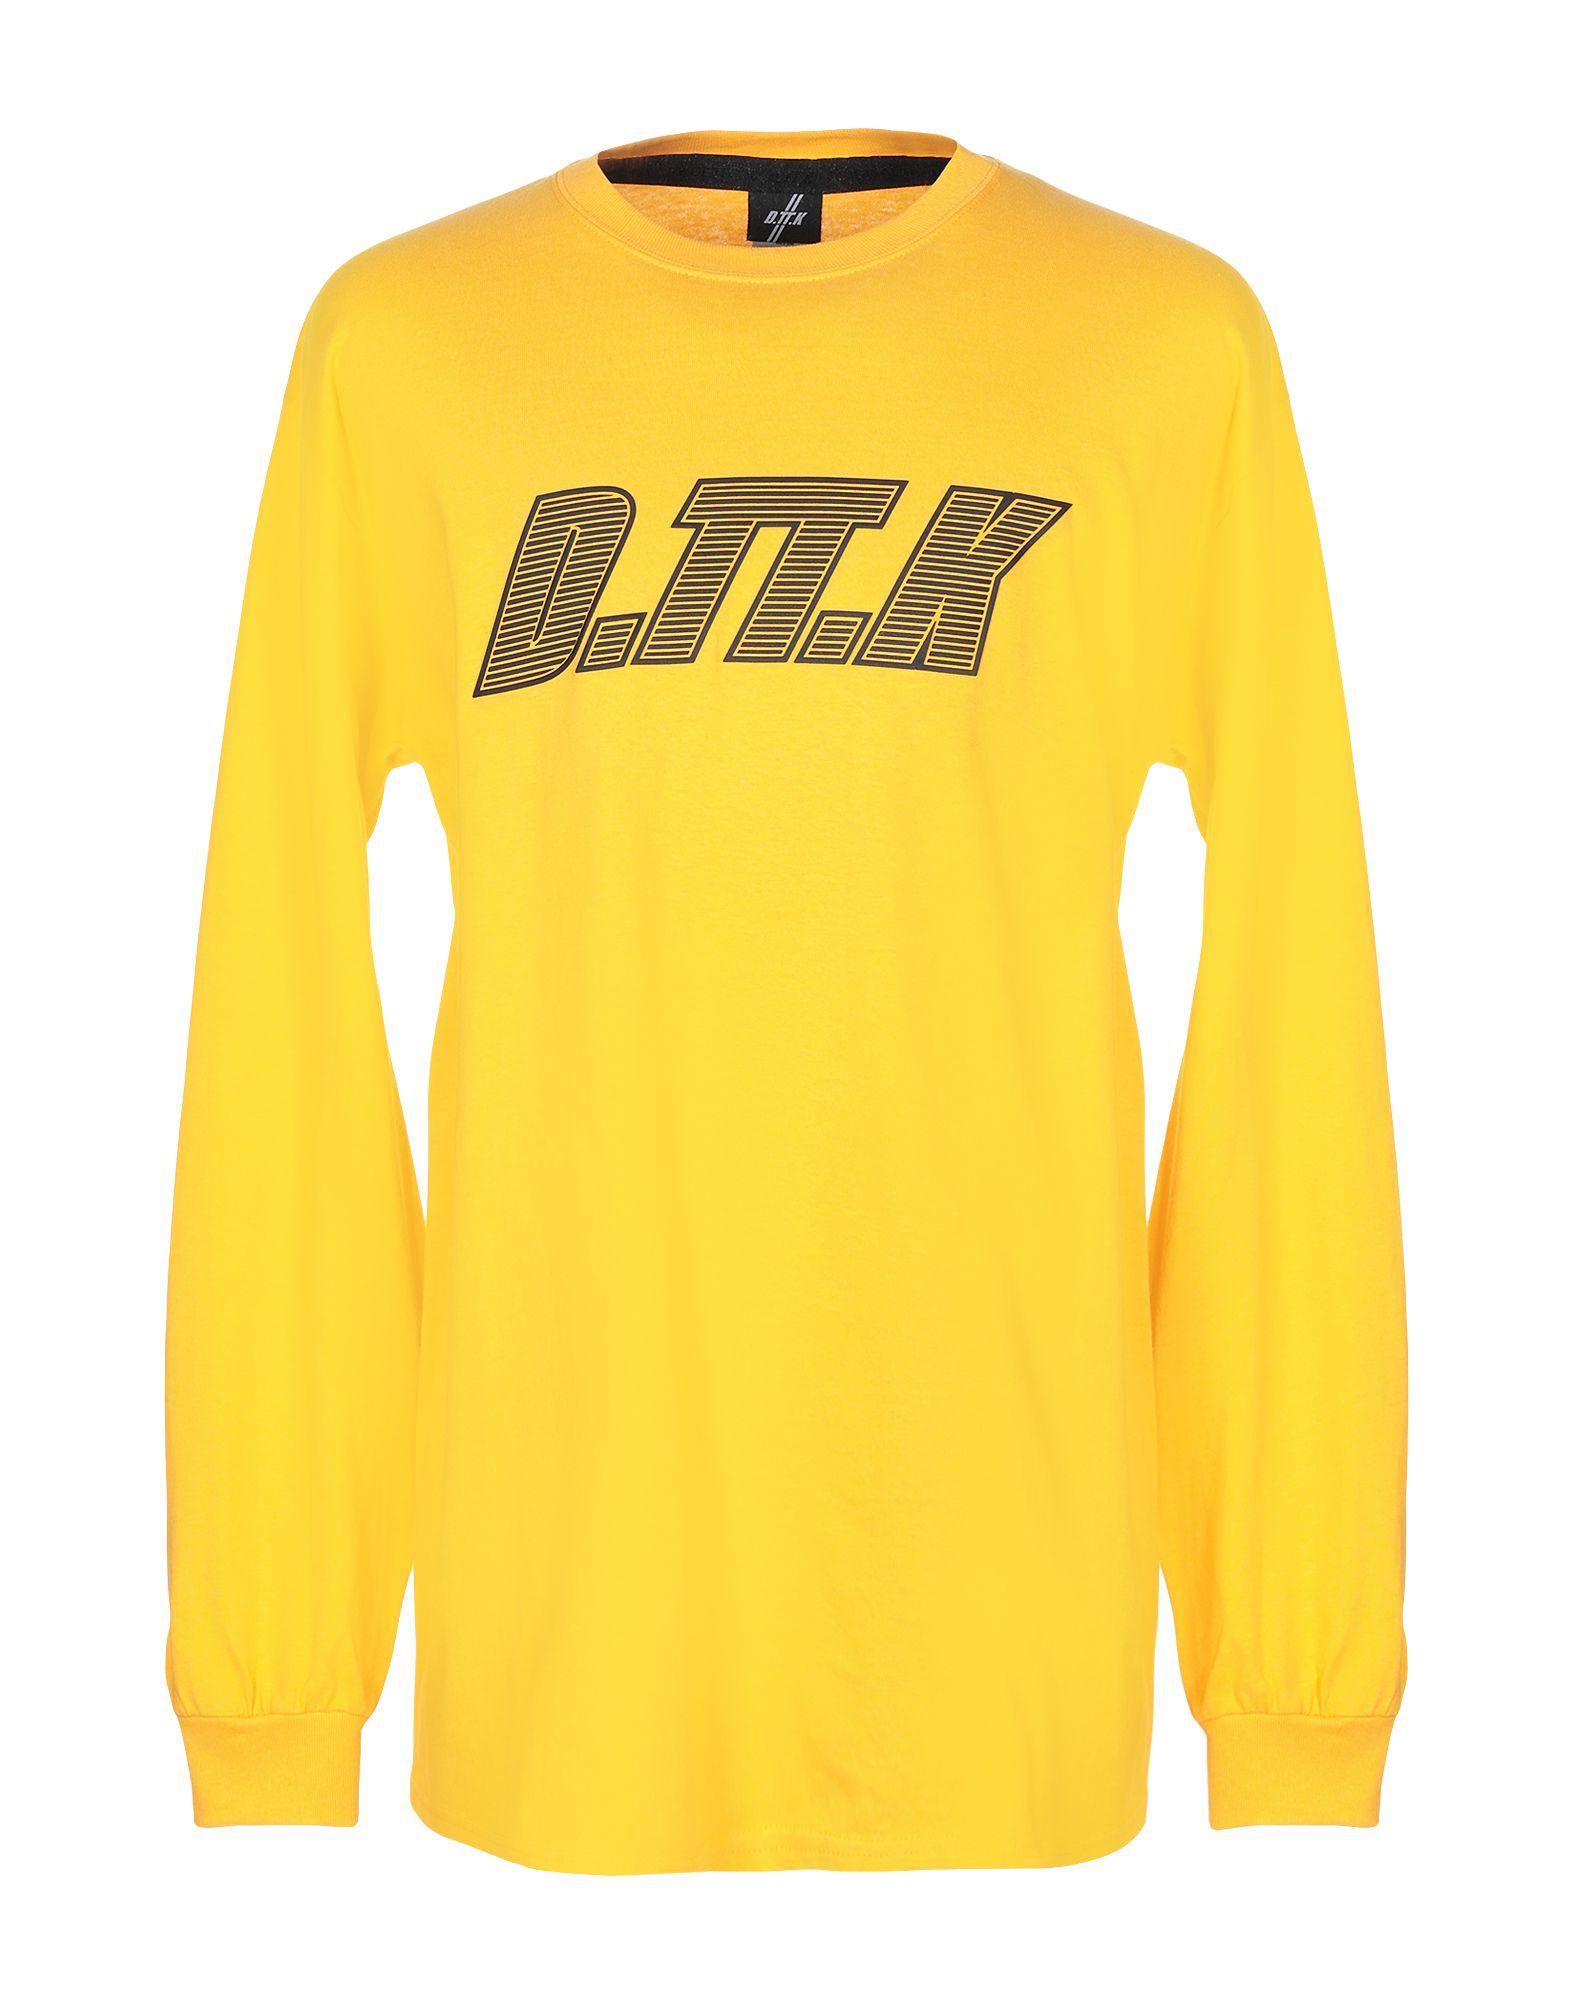 《期間限定セール中》D.TT.K メンズ T シャツ オレンジ L コットン 100%